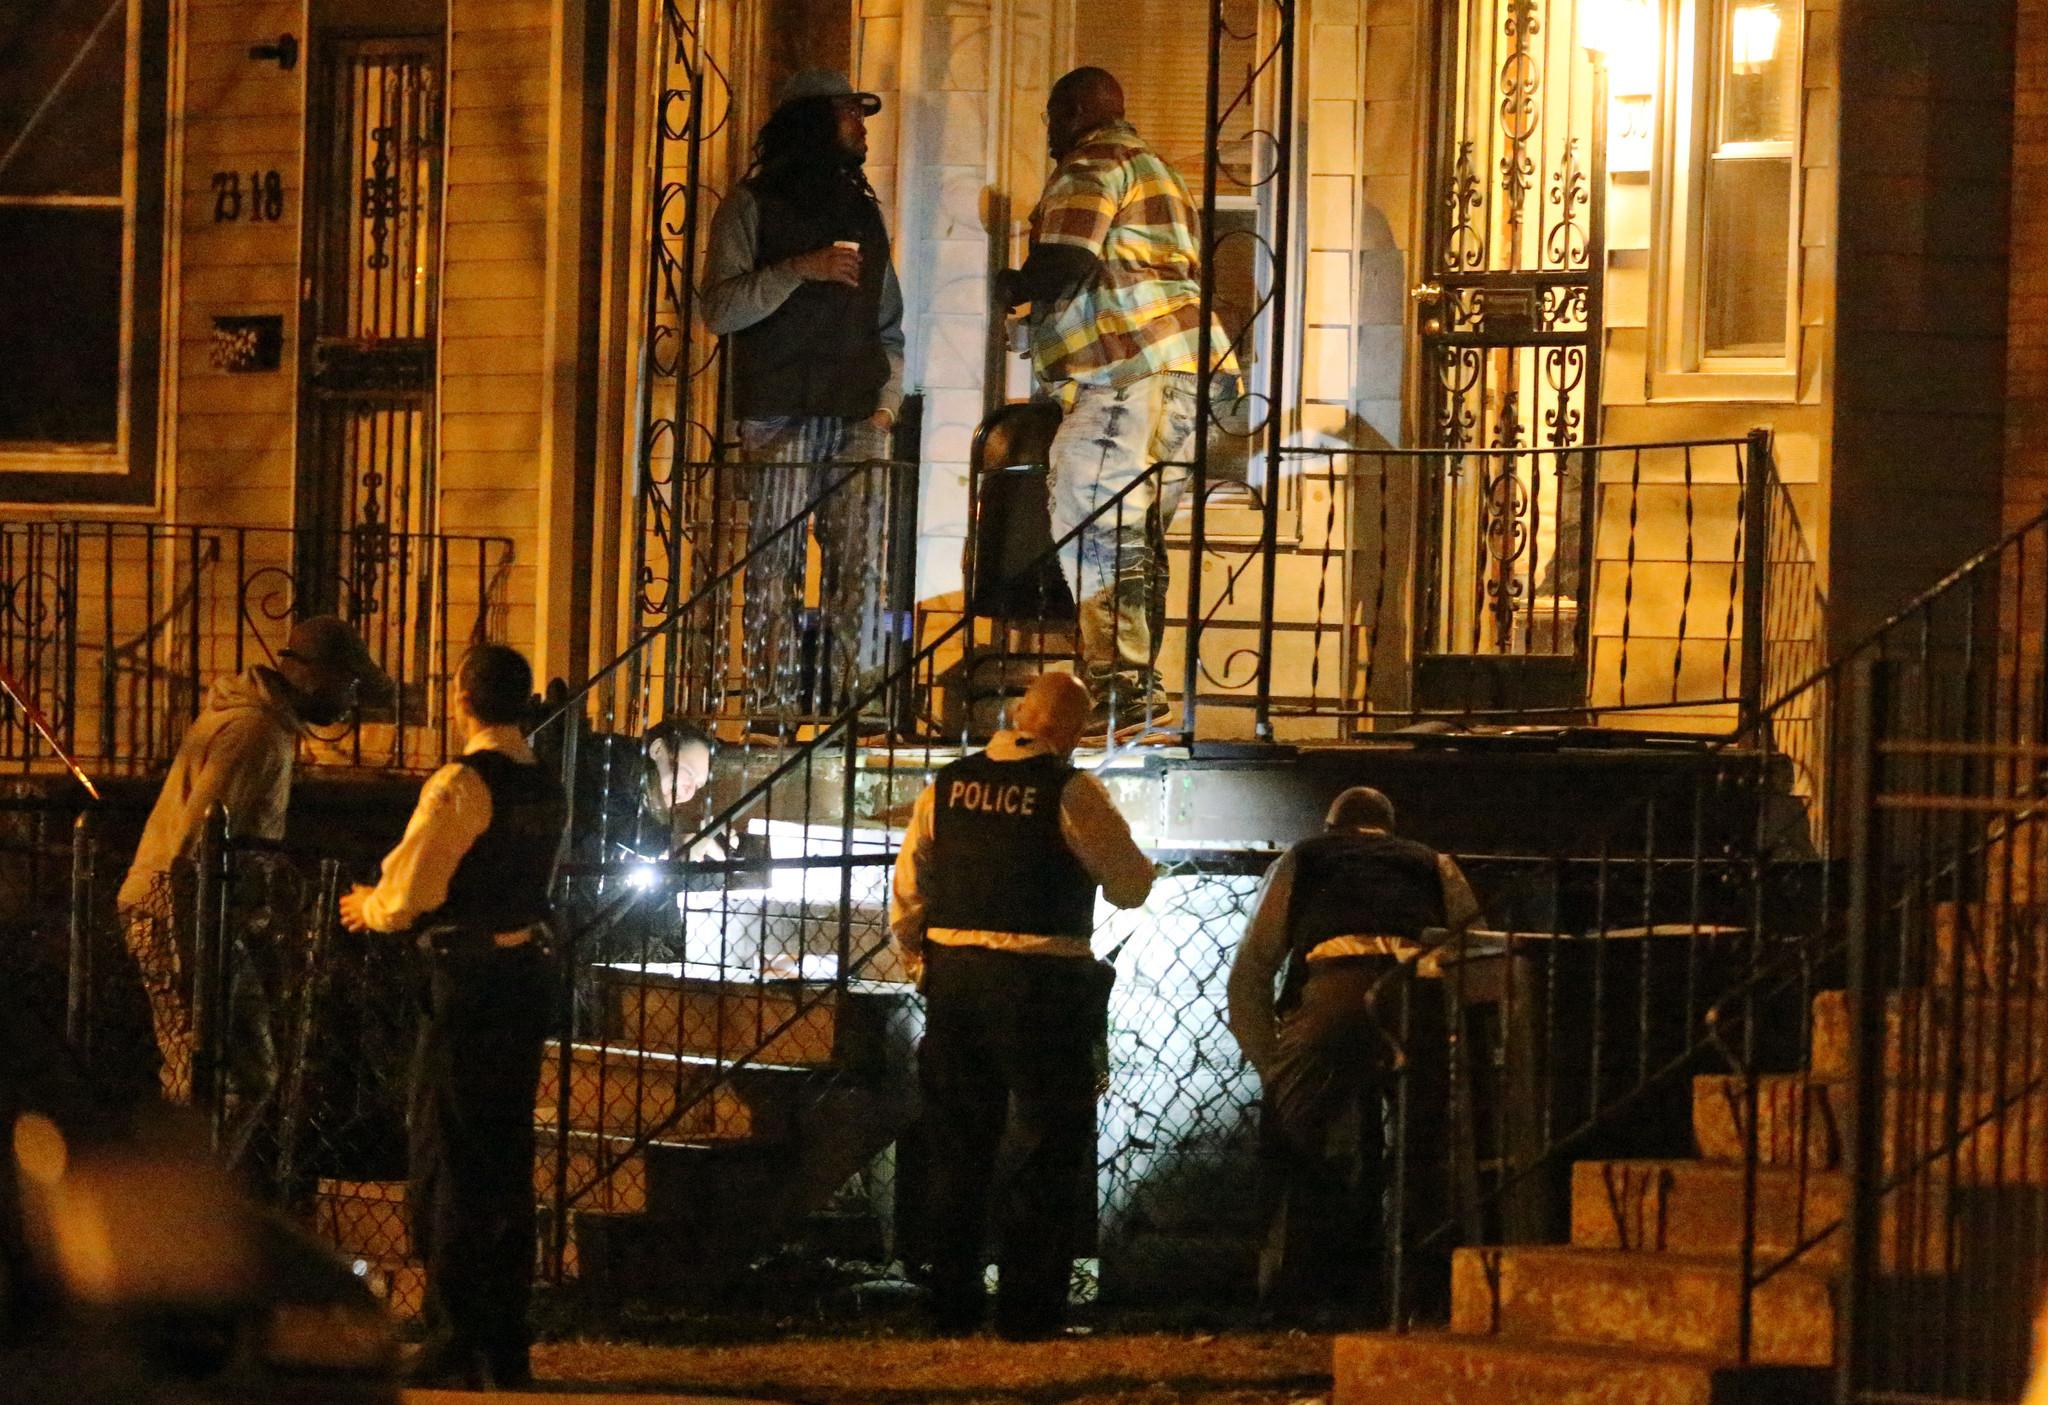 4 dead, 25 wounded in weekend shootings